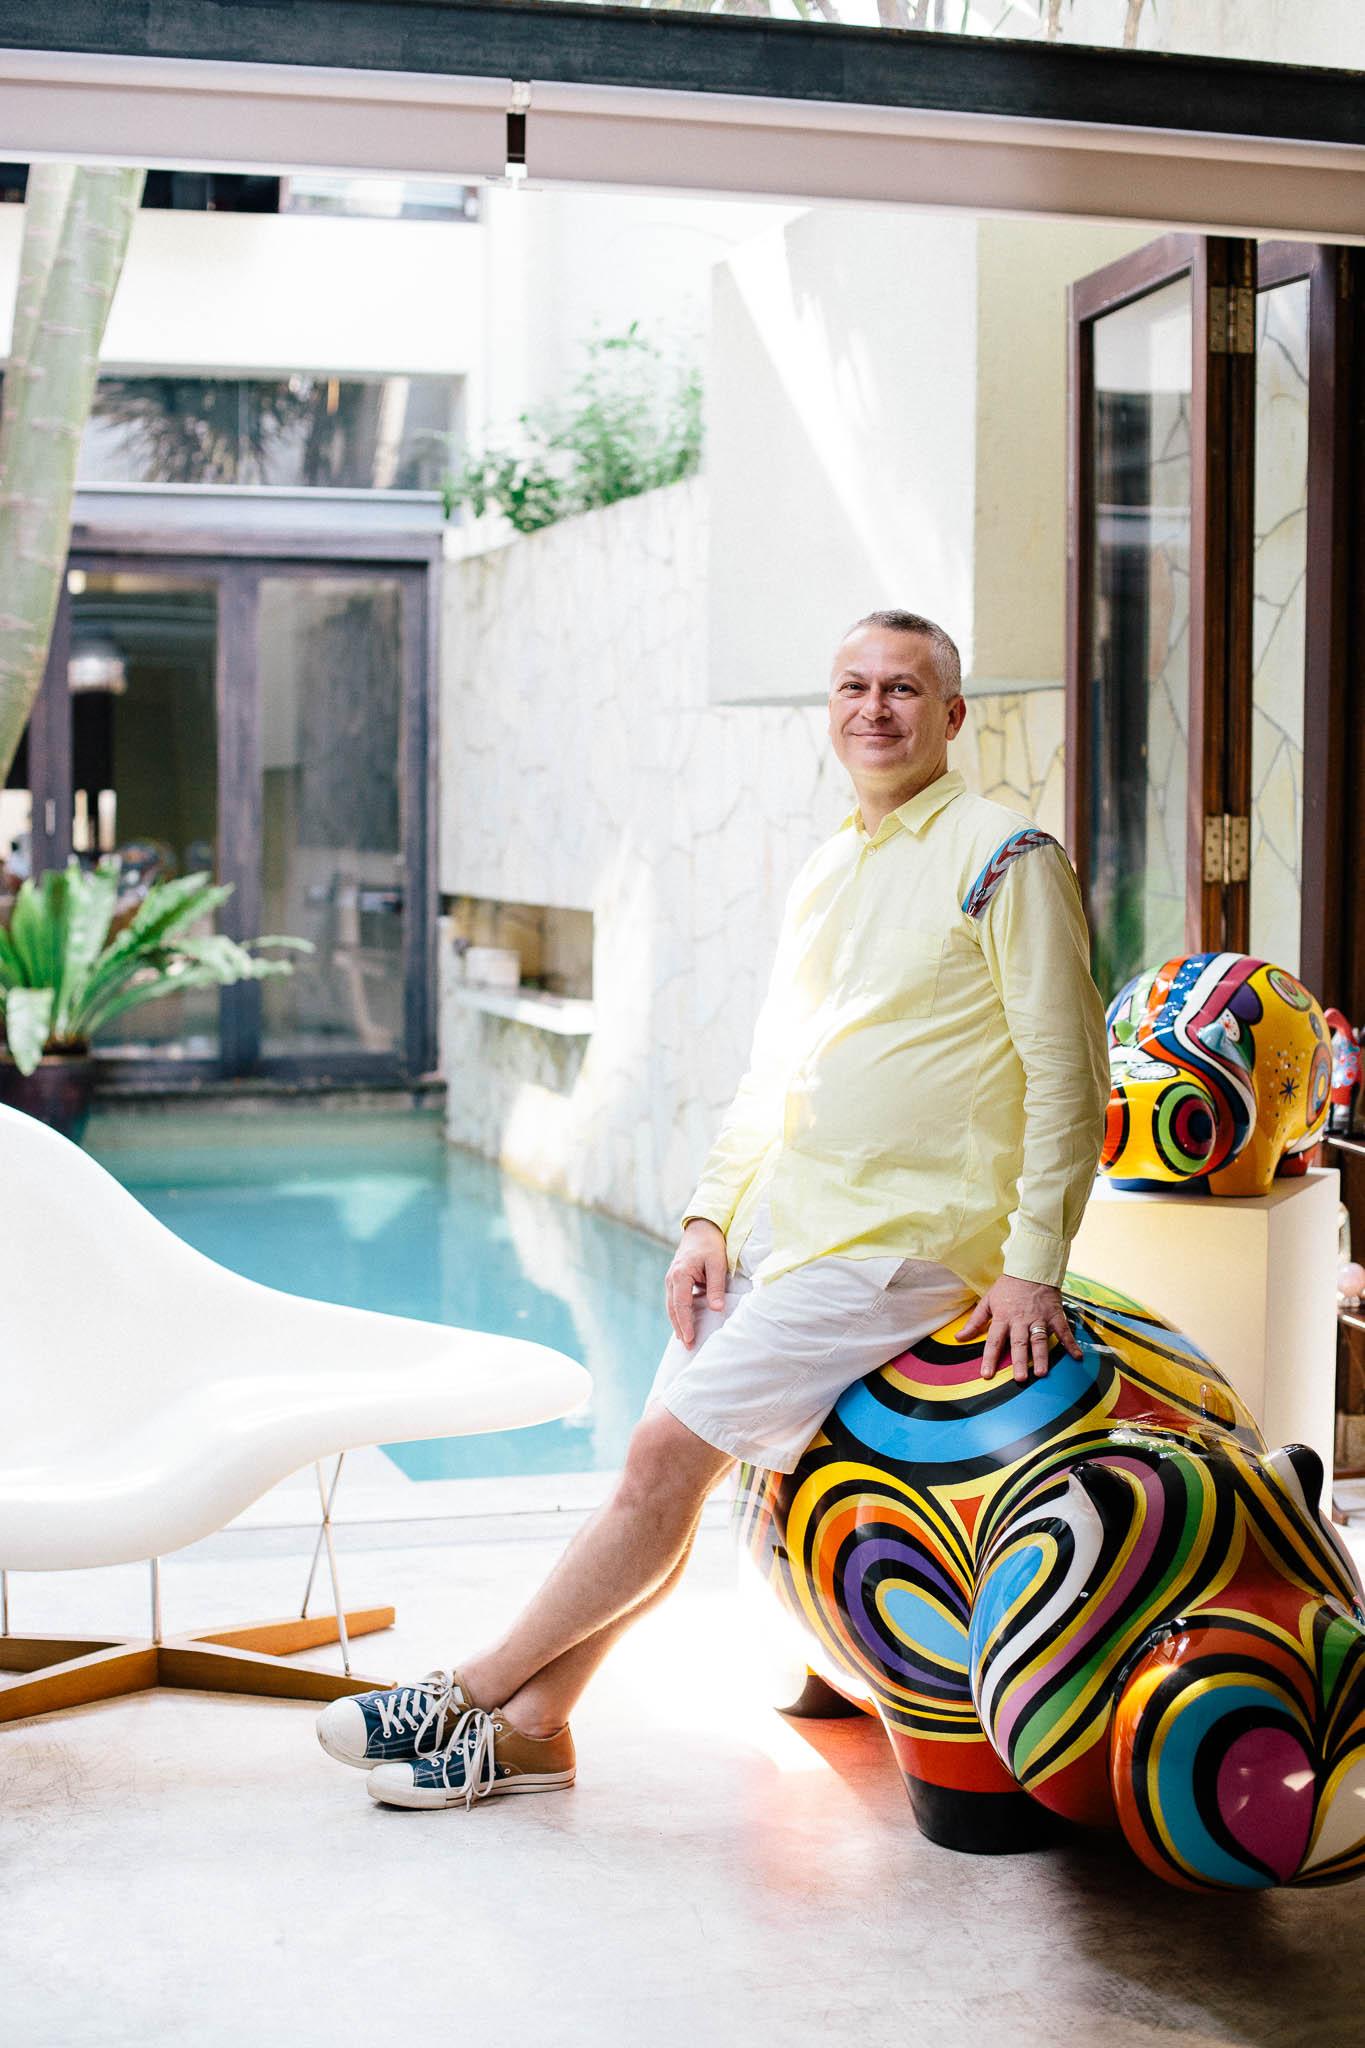 Guillaume-Levy-Lambert-MaGMA-Singapore-Zakaria-Zainal-01.jpg